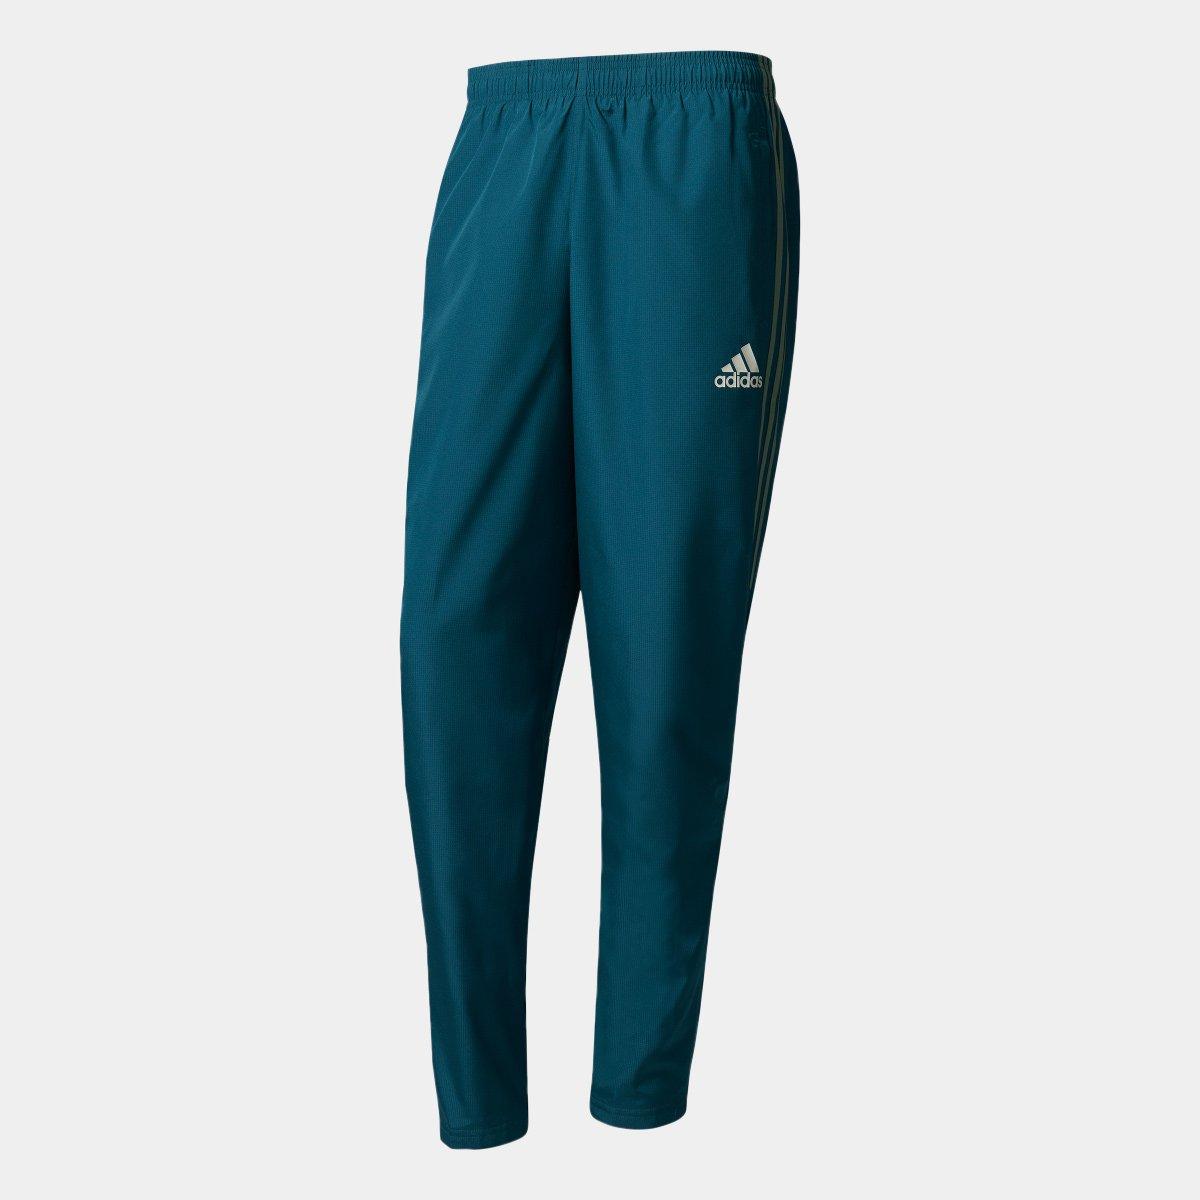 Calça Palmeiras Adidas Viagem 17 18 Masculino - Compre Agora  6312b2d0d1b02